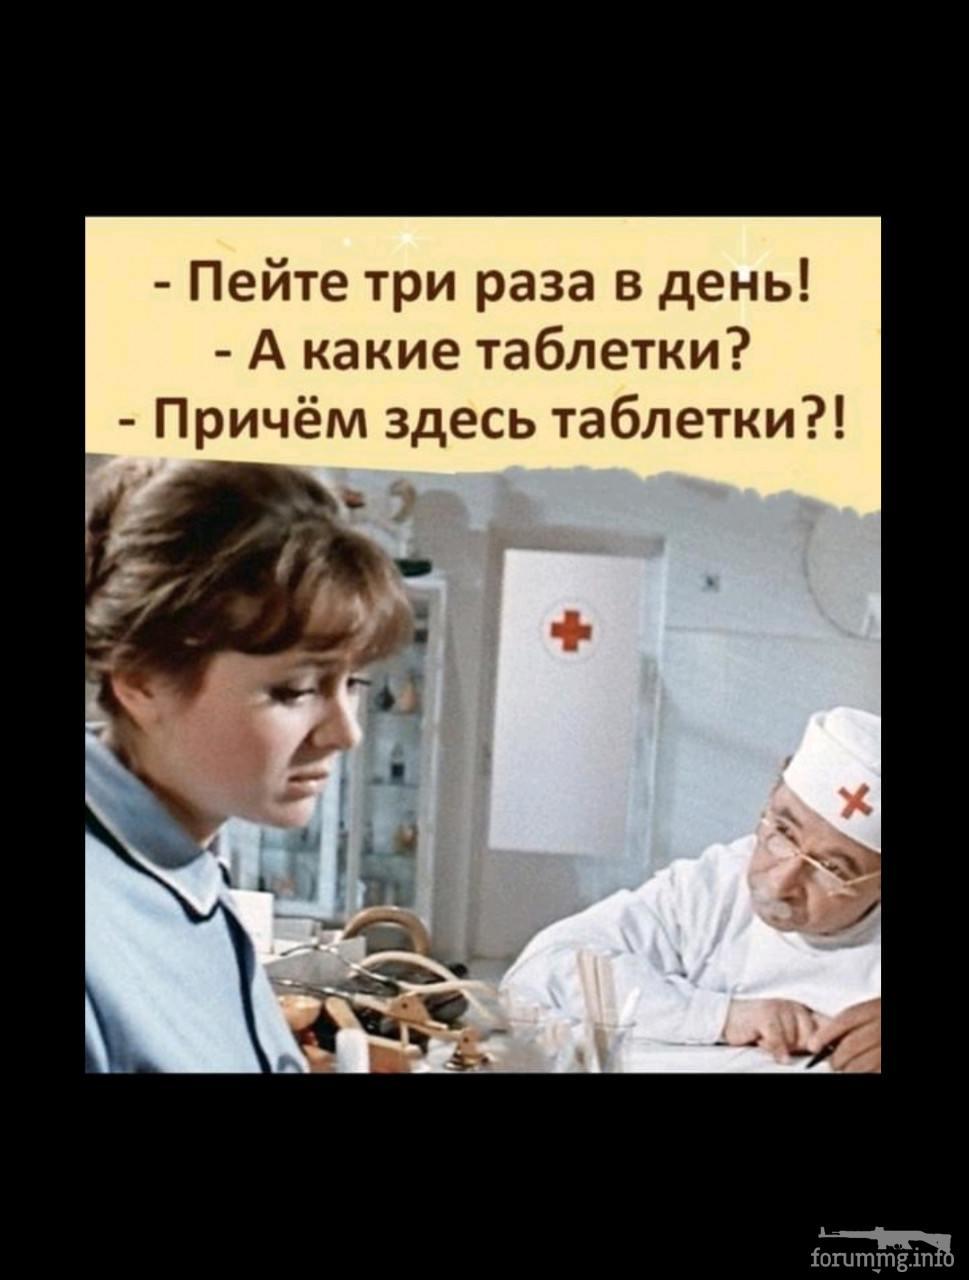 132892 - Пить или не пить? - пятничная алкогольная тема )))